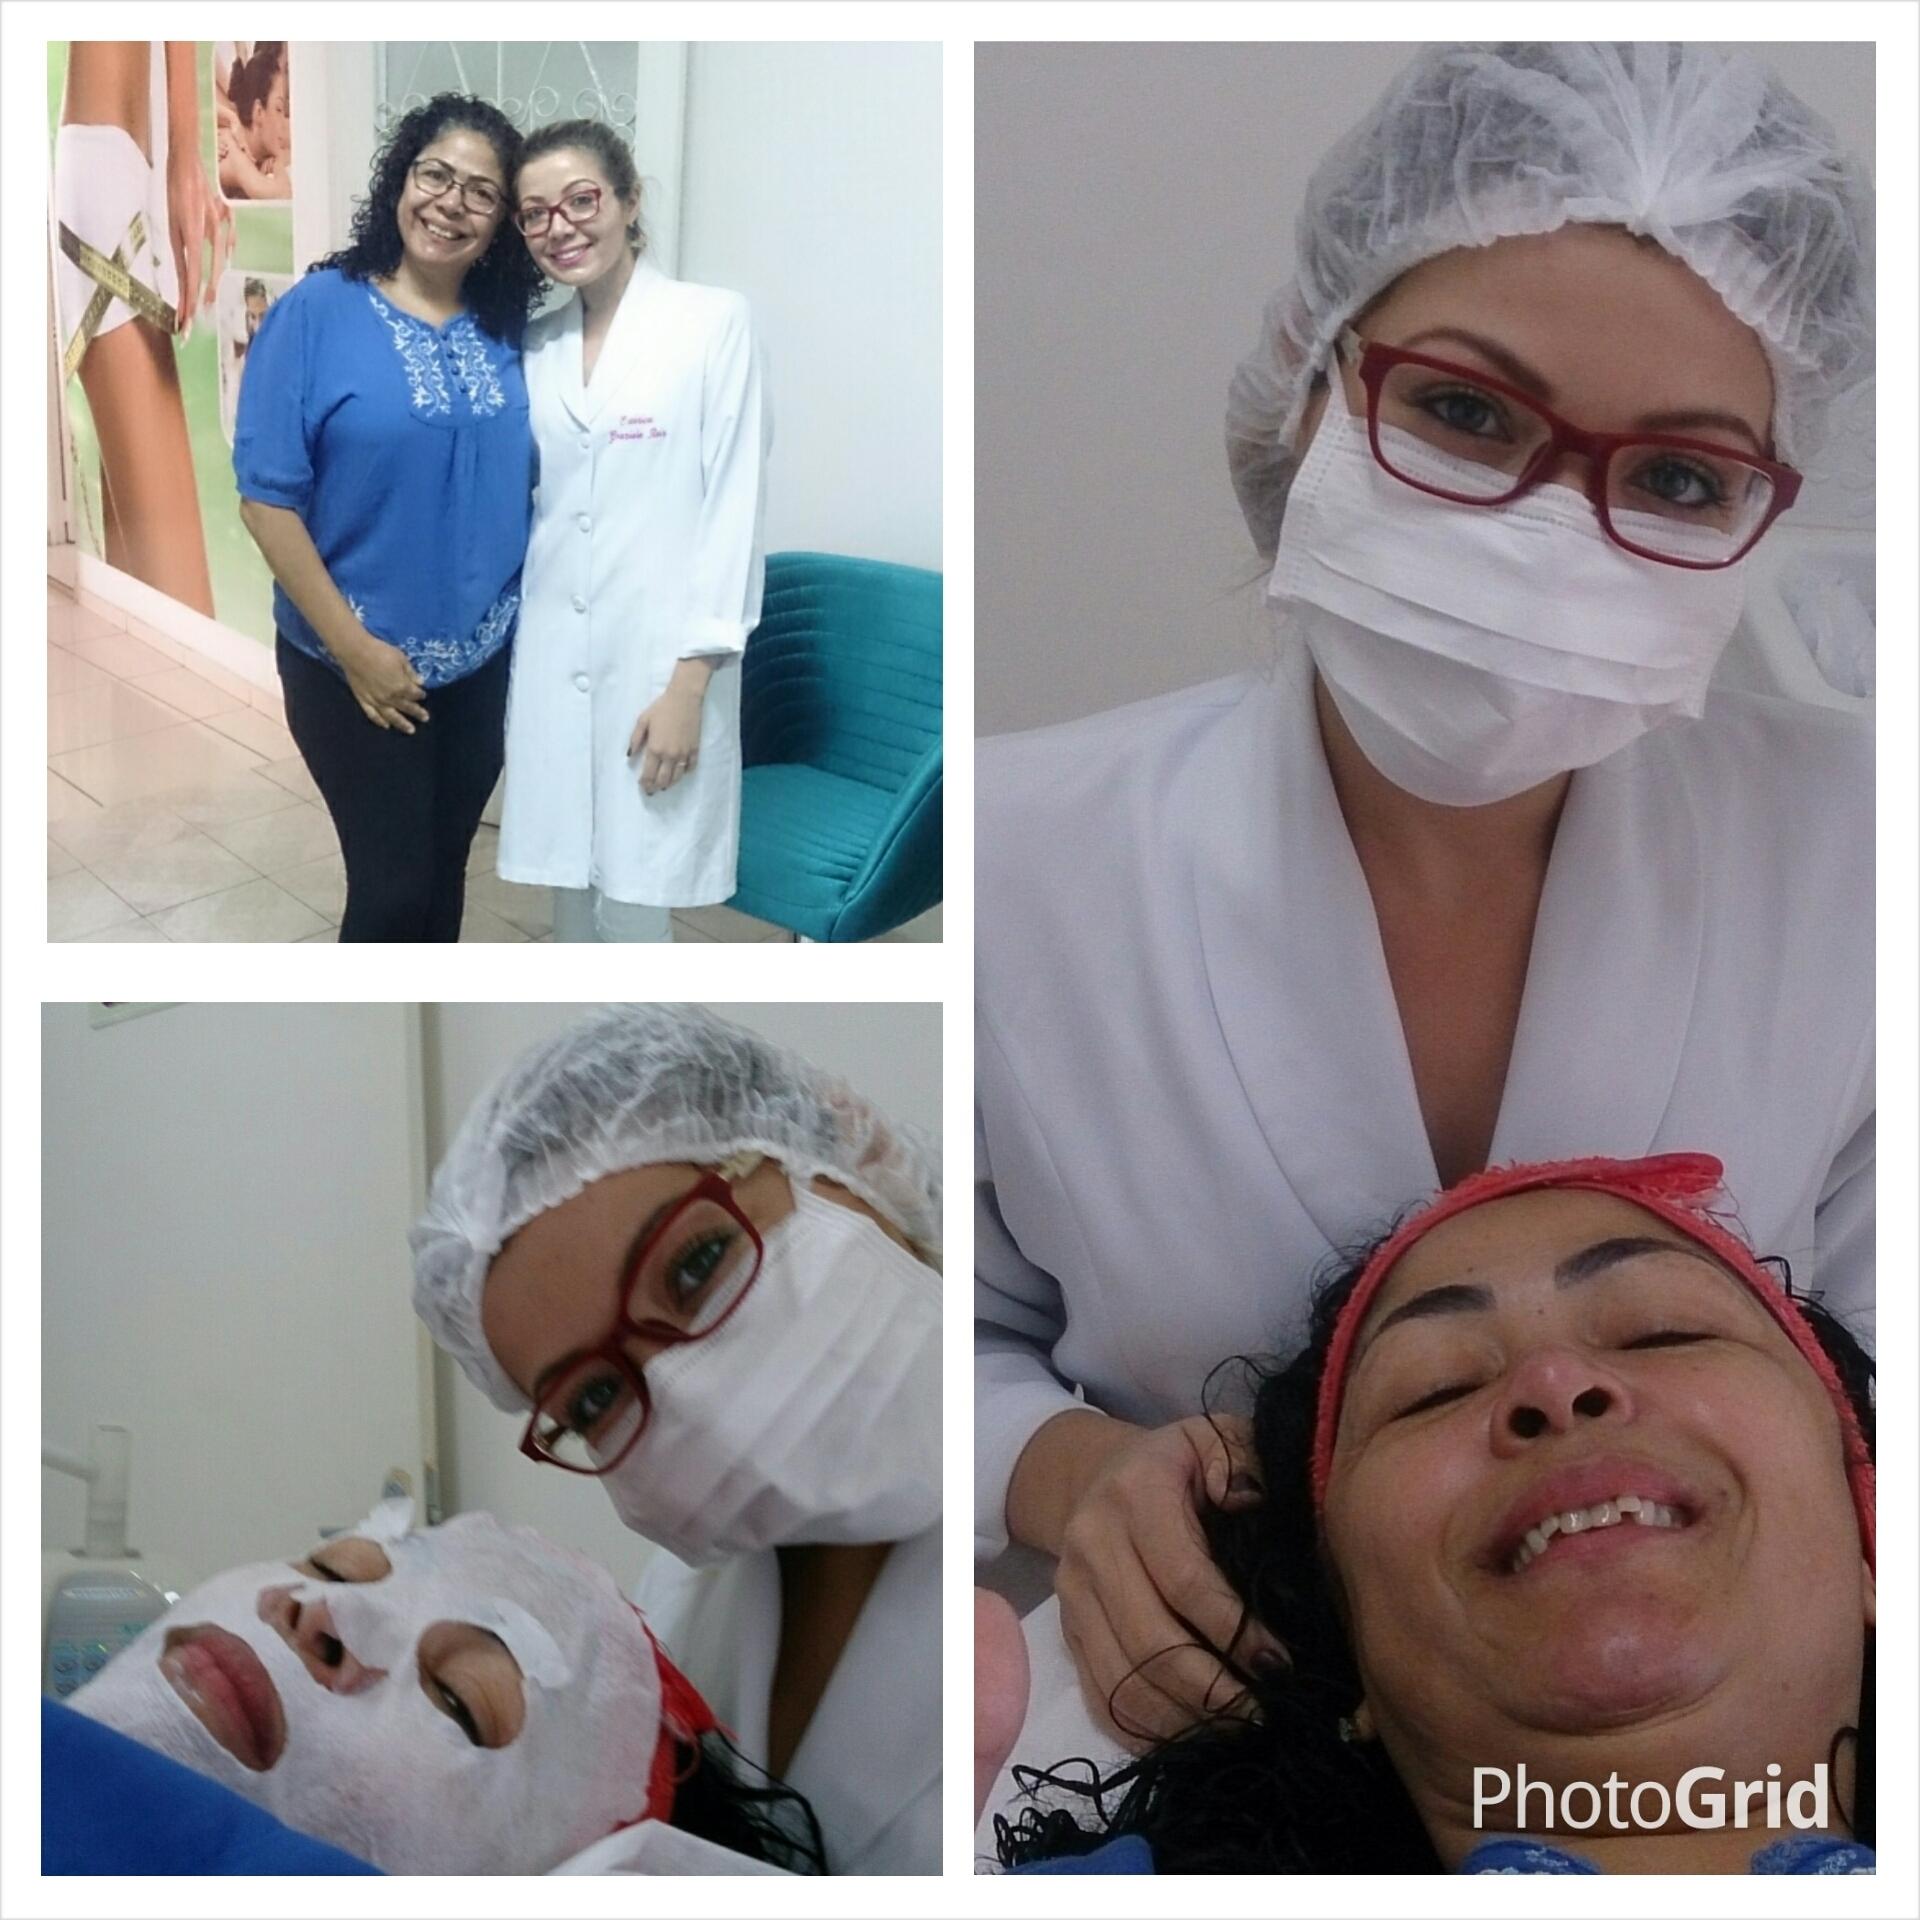 Limpeza de Pele  Higienização, Peeling ultrasonico,extração de comedões, milliuns,alta freqüência! esteticista cosmetólogo(a)